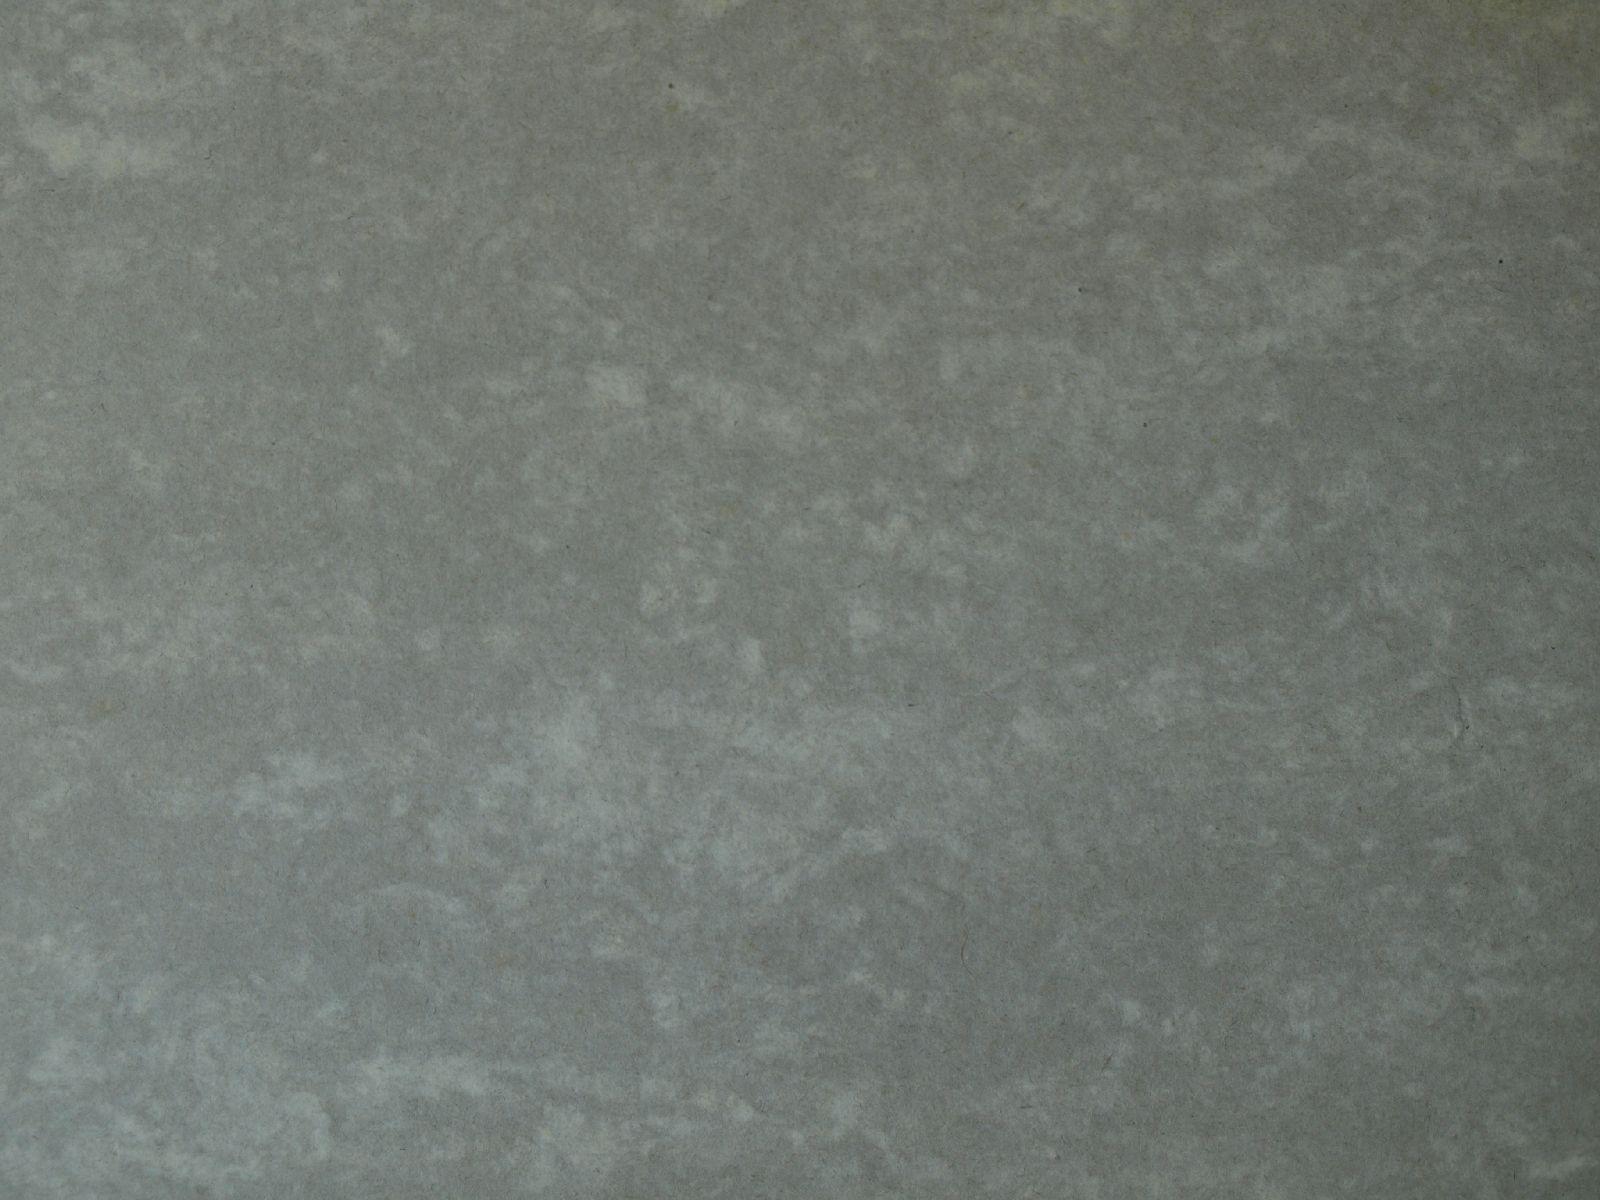 Innenraum-Material_Textur_A_P5242951